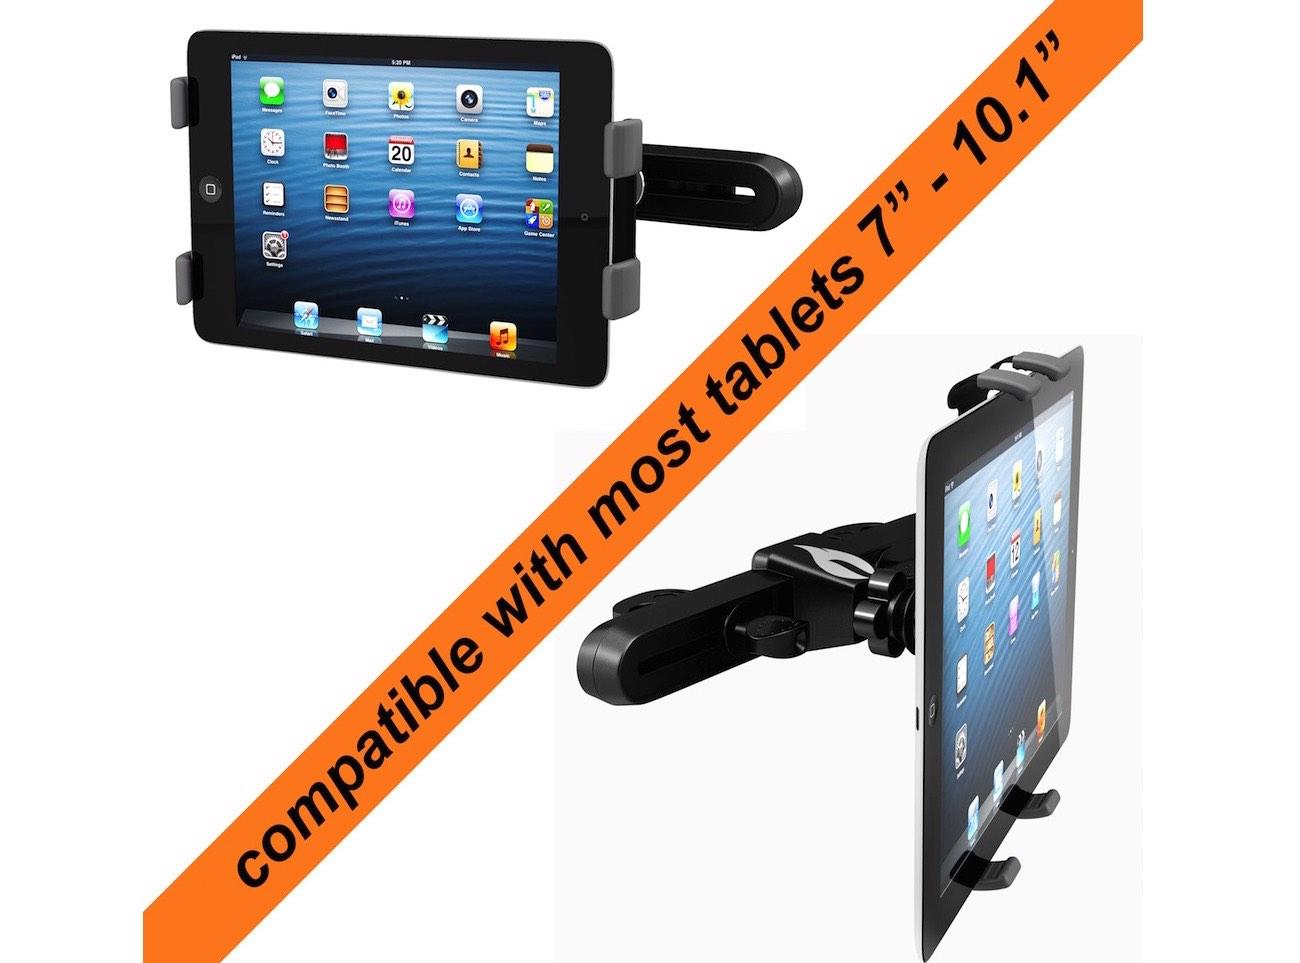 mountster-sr-tablet-headrest-mount-07